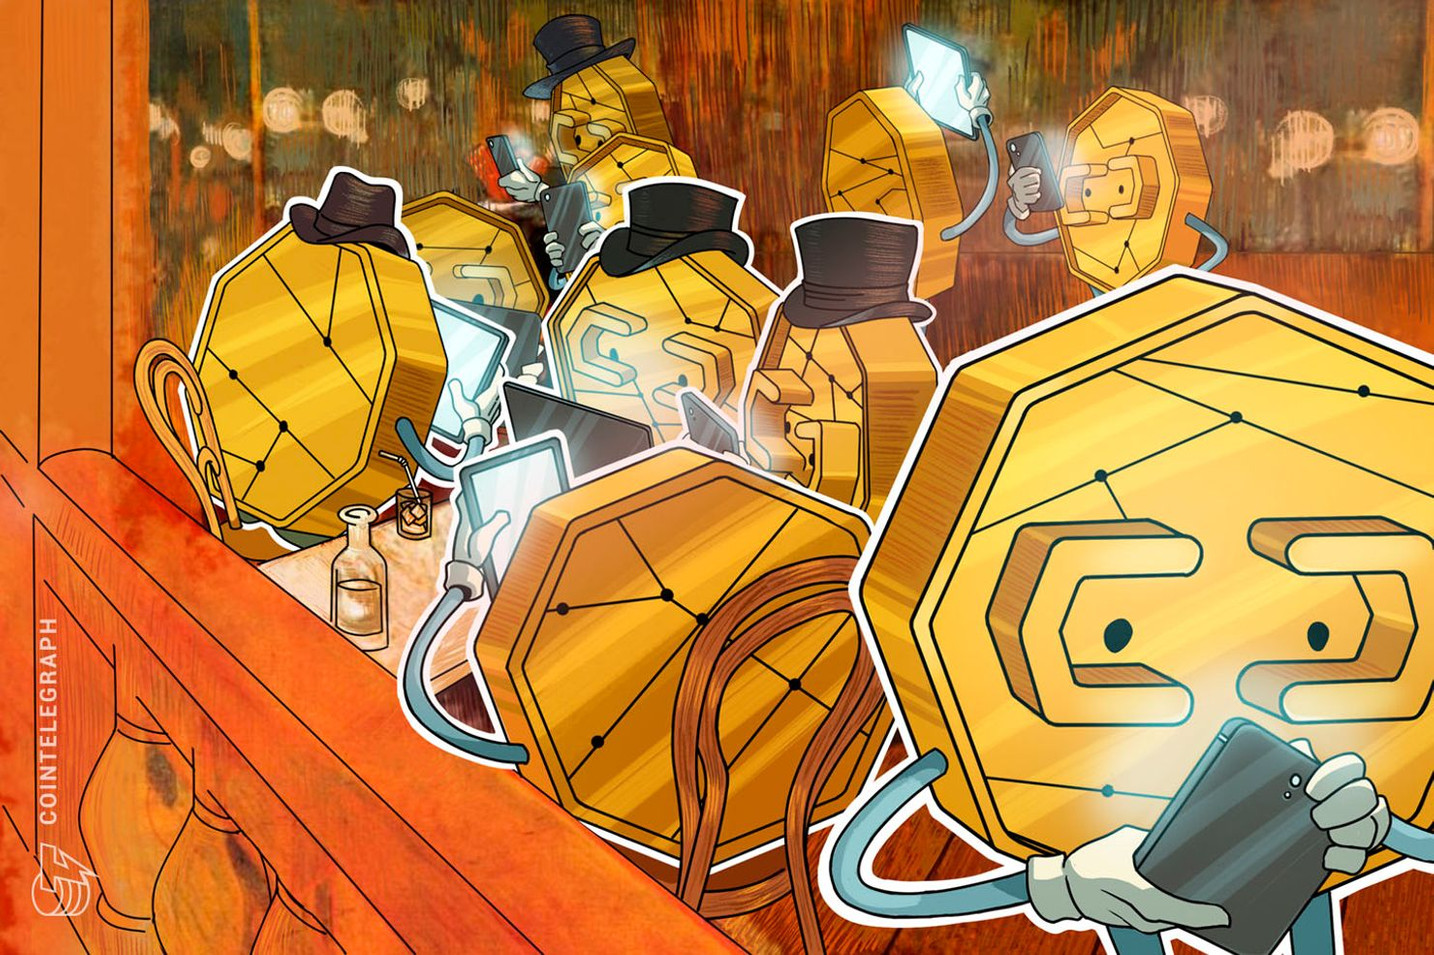 ビットメイン、仮想通貨BCHのウェブウォレット「Telescope」買収へ!【アラート】